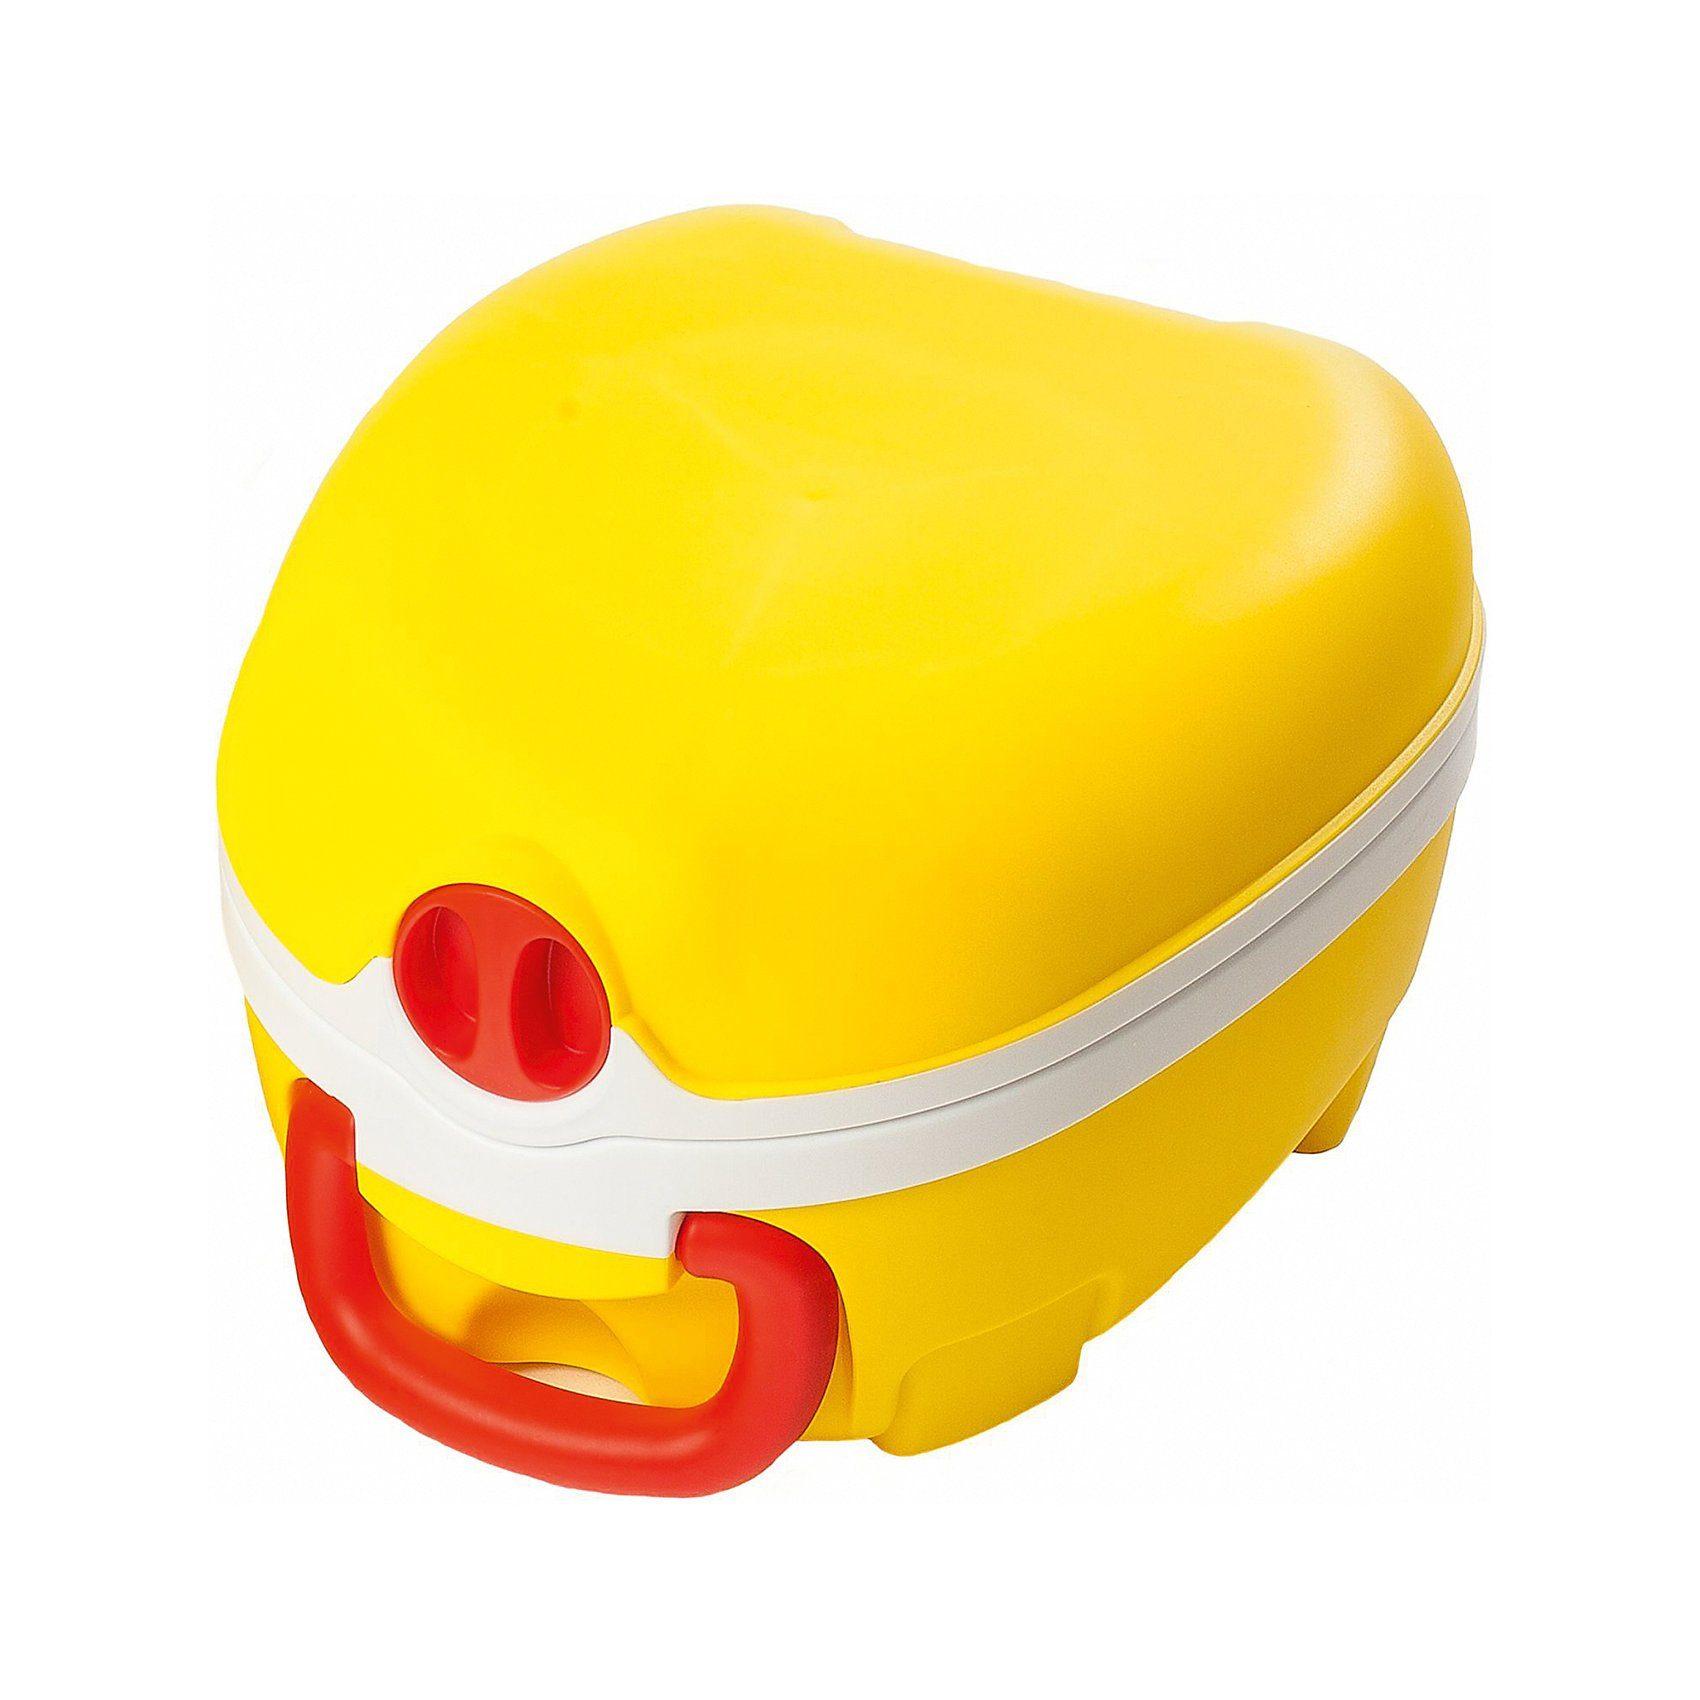 Tragbares Töpfchen für unterwgs My Carry Potty, gelb